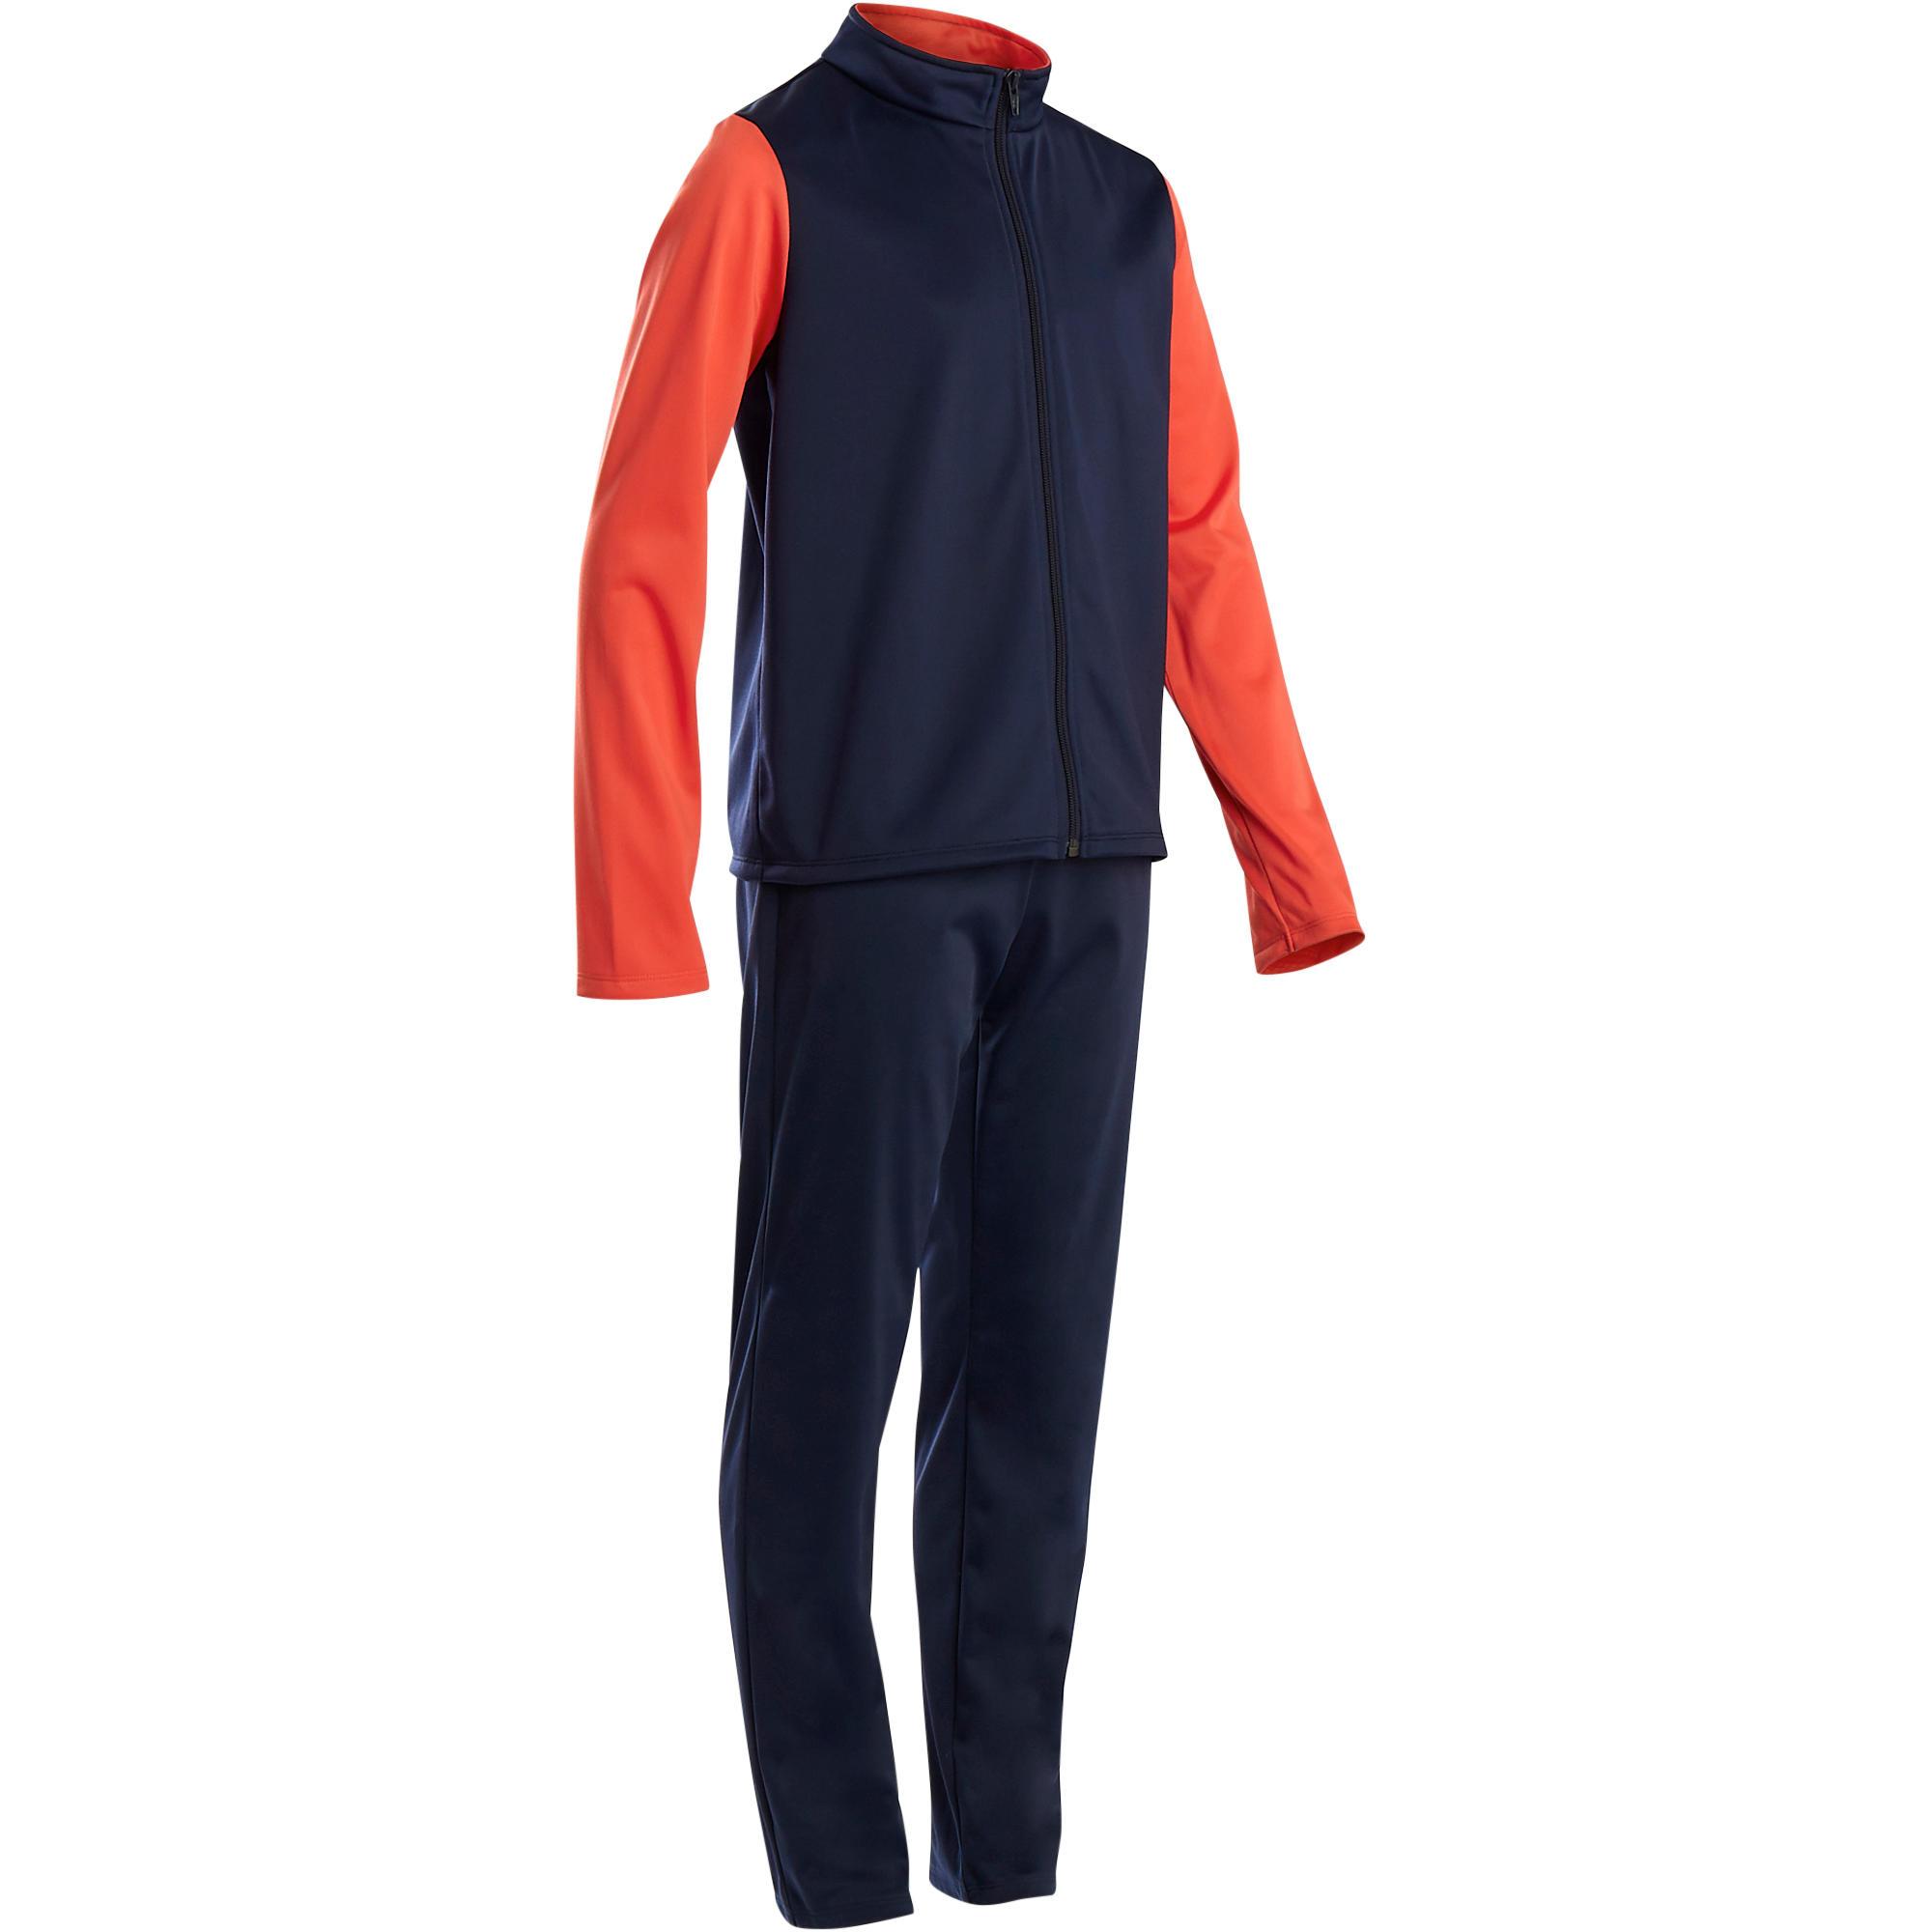 Jungen,  Kinder,  Kinder Domyos Trainingsanzug GYM'Y warm, Synthetik atmungsaktiv S500 GYM Kinder rot | 03608419129205